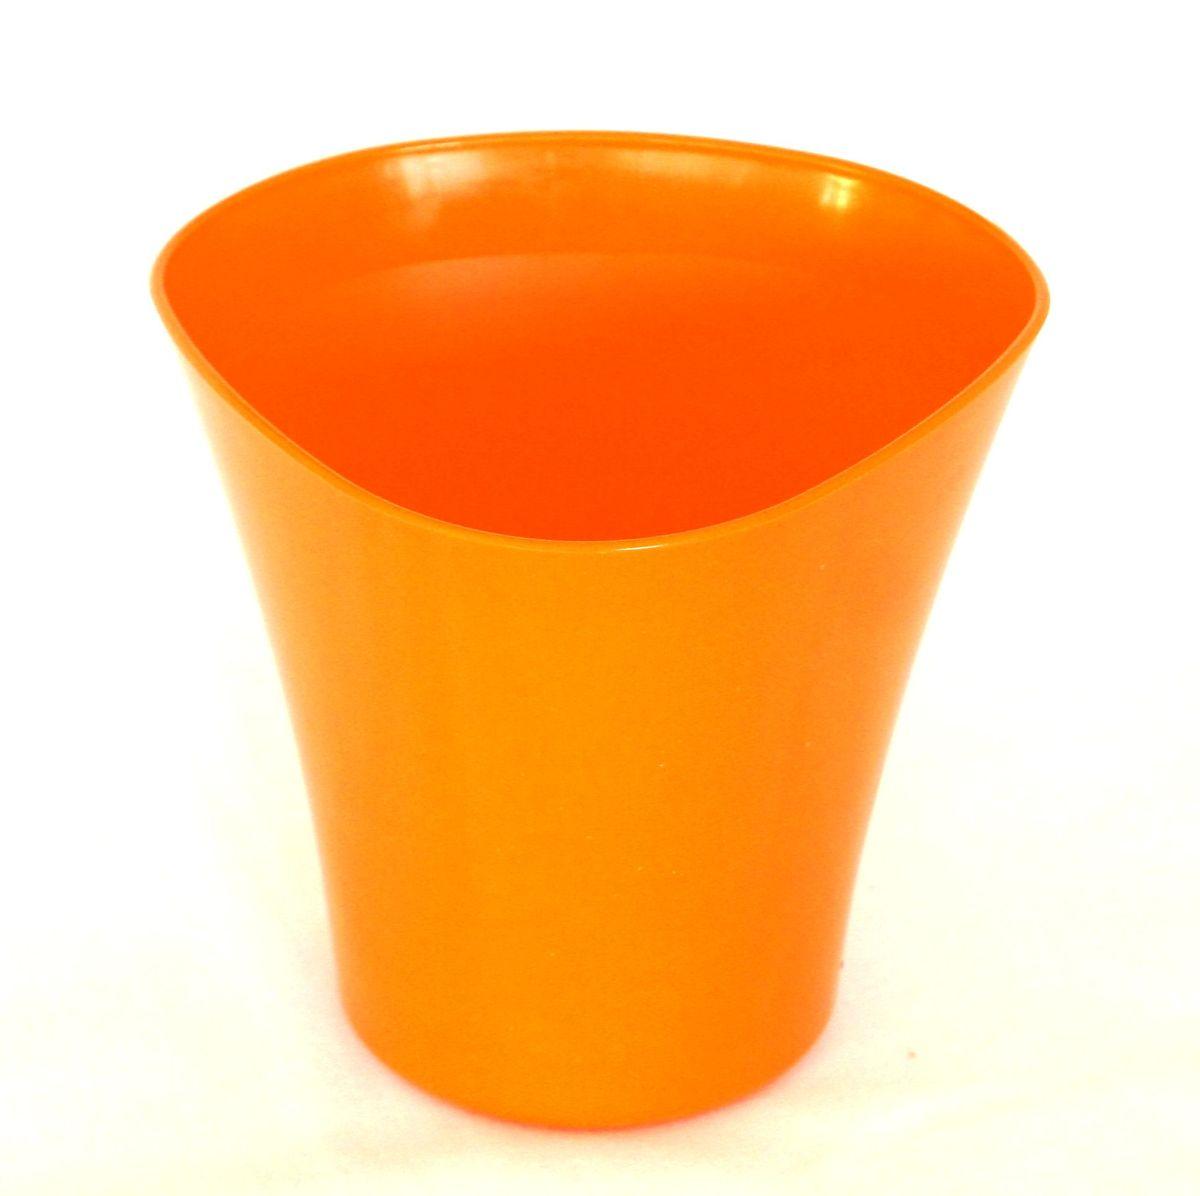 Кашпо JetPlast Волна, цвет: оранжевый, 3 л4612754050598Кашпо Волна имеет уникальную форму, сочетающуюся как с классическим, так и с современным дизайном интерьера. Разнообразие цветов дает возможность подобрать кашпо именно под ваш стиль. Объем: 3 л.